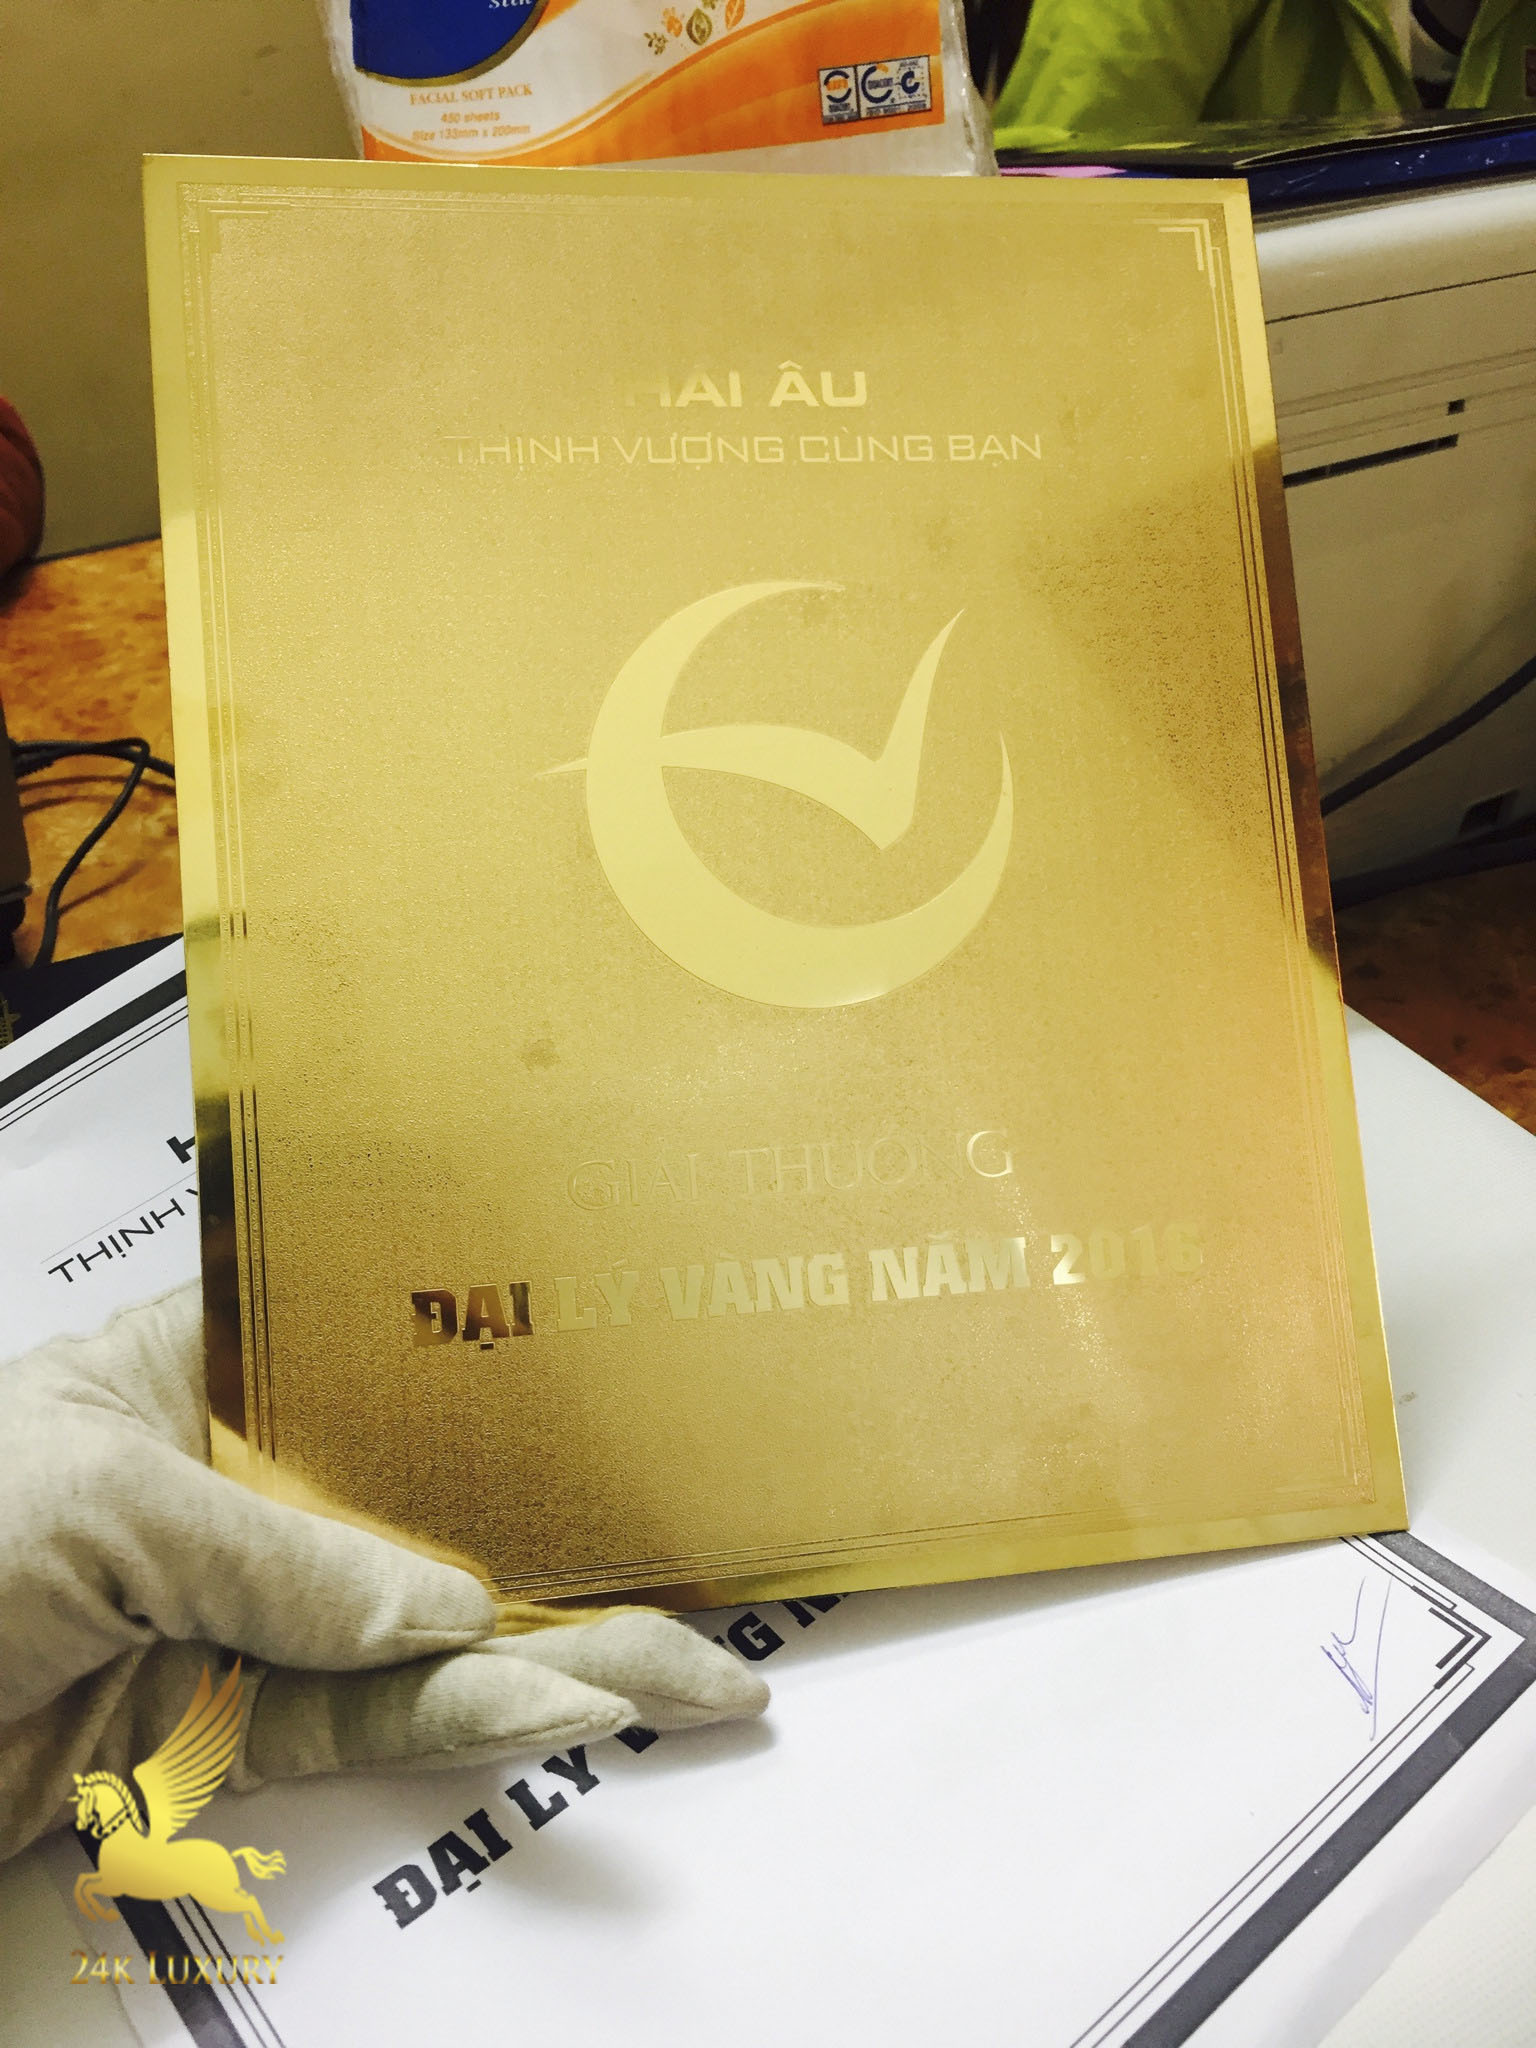 Mẫu kỷ niệm chương mạ vàng tại Vina Gold Art chắc chắn sẽ là món quà làm hài lòng người nhận